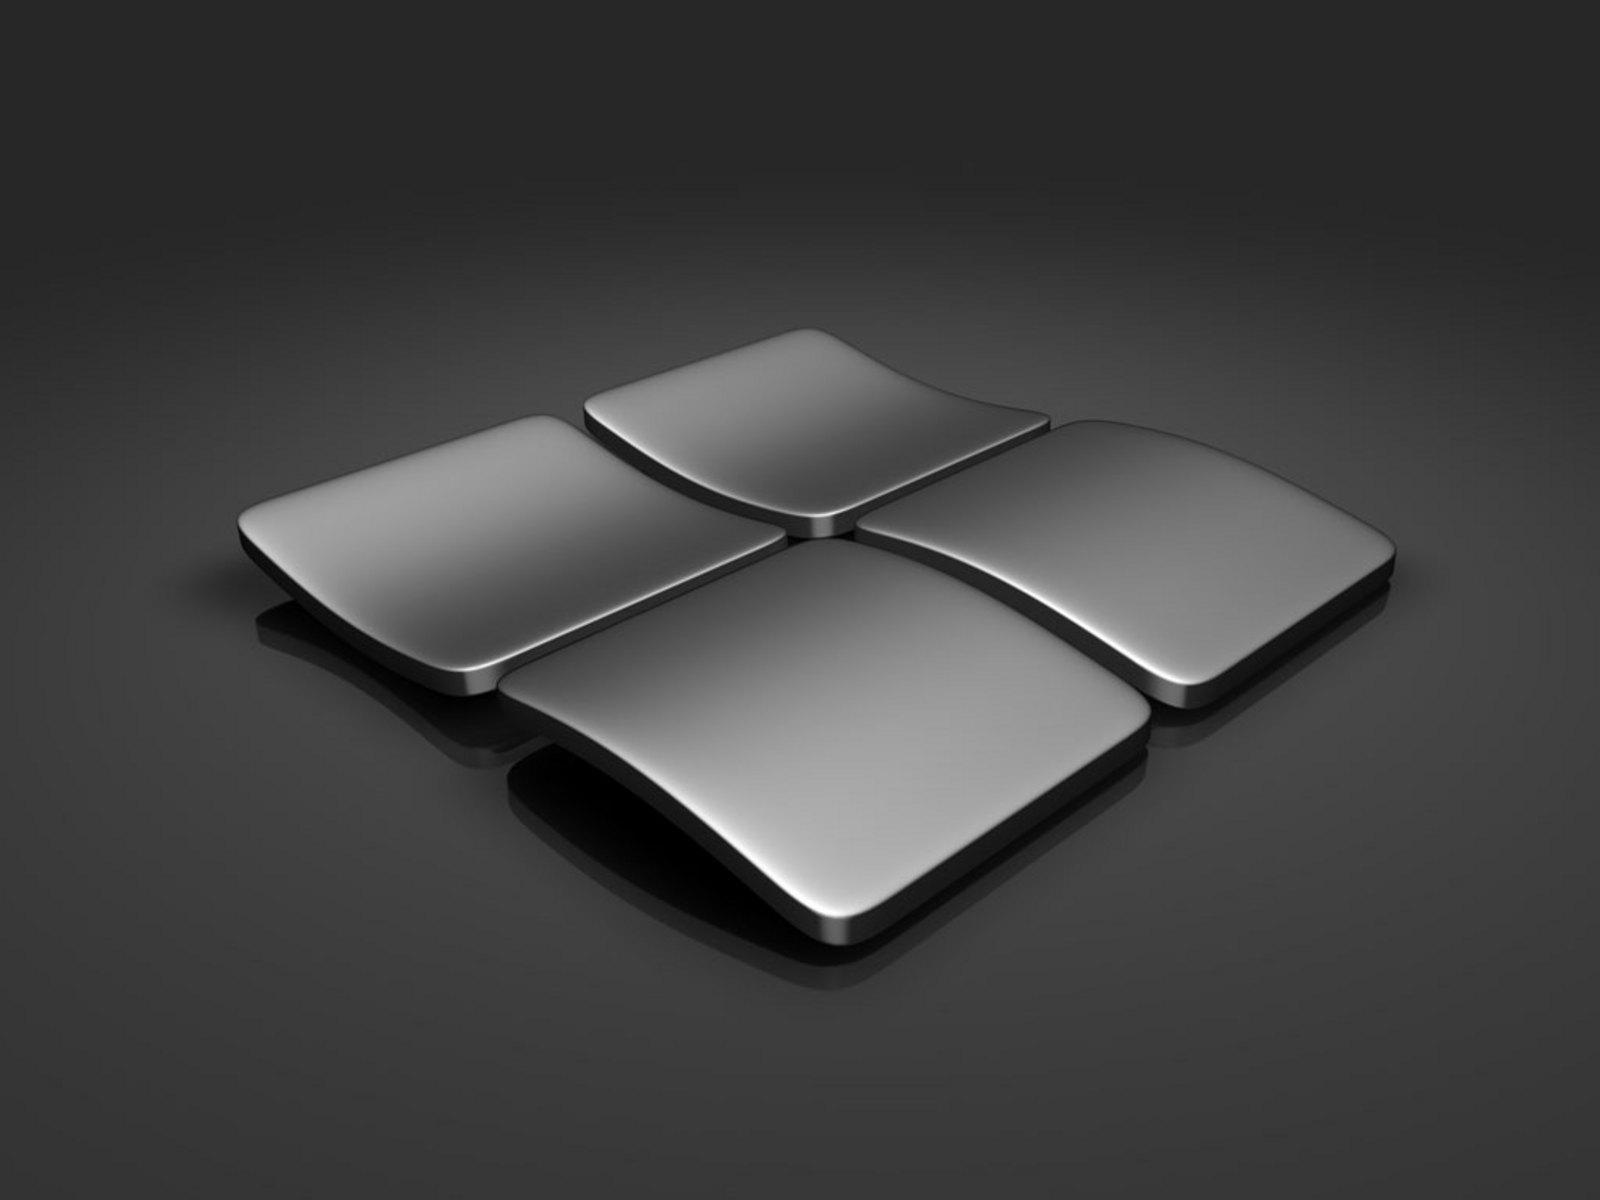 http://4.bp.blogspot.com/-k7sebzF0iIw/Tka1Dj8h8BI/AAAAAAAAB7Y/AxP-VTeRmlU/s1600/199_windows-xp-silver.jpg